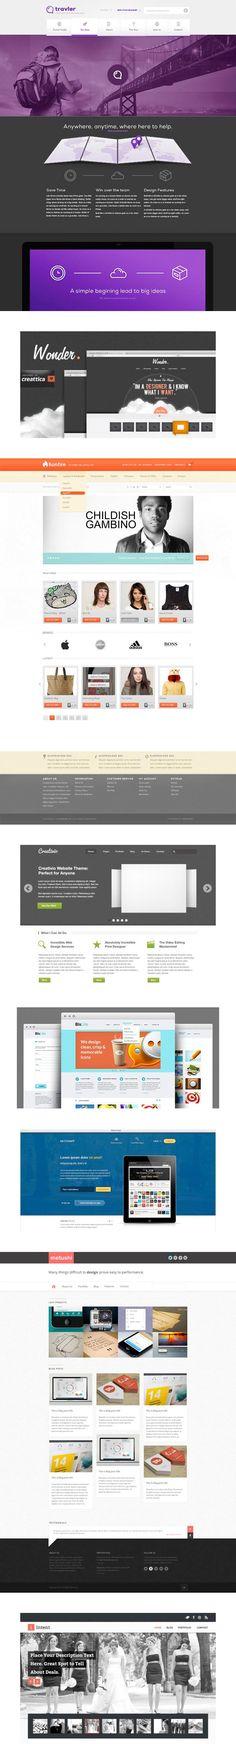 Plantilas en PSD para diseño web